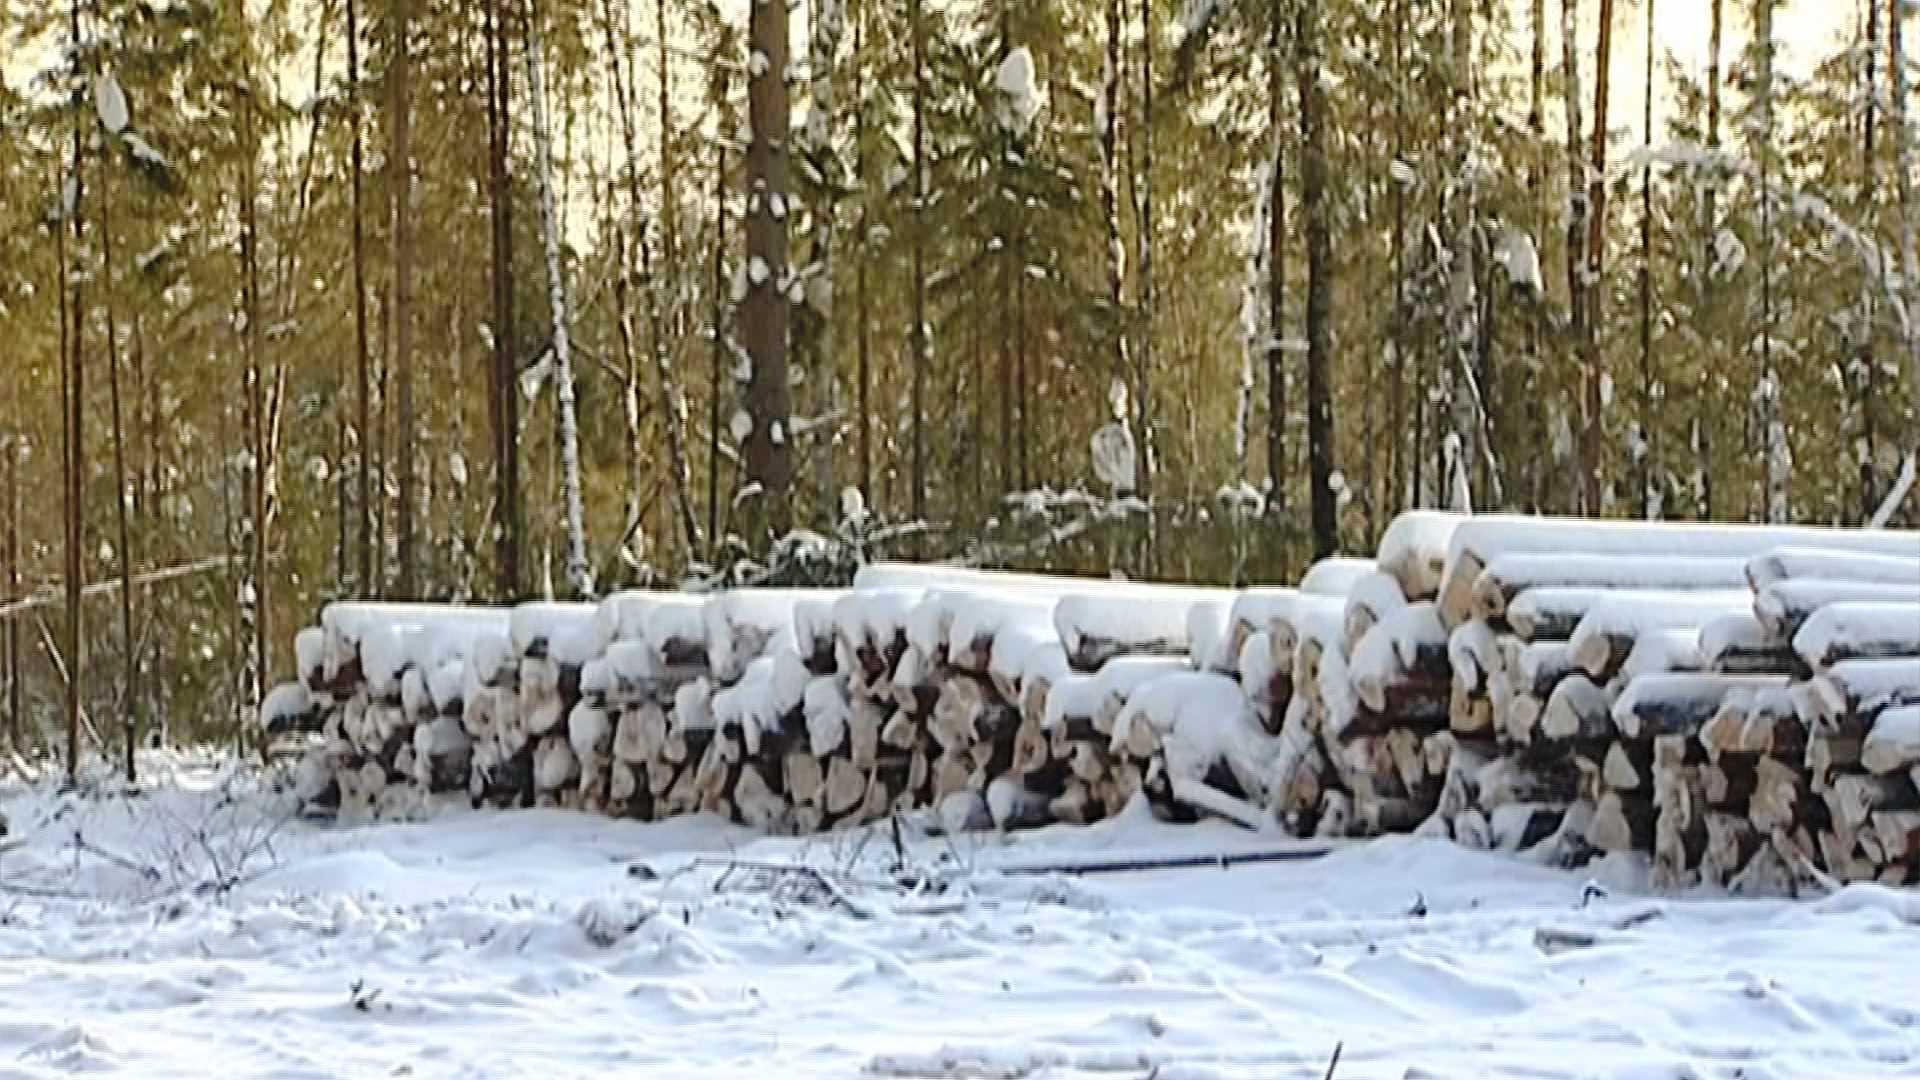 Недоплаченные за костромской лес миллионы вернулись в казну